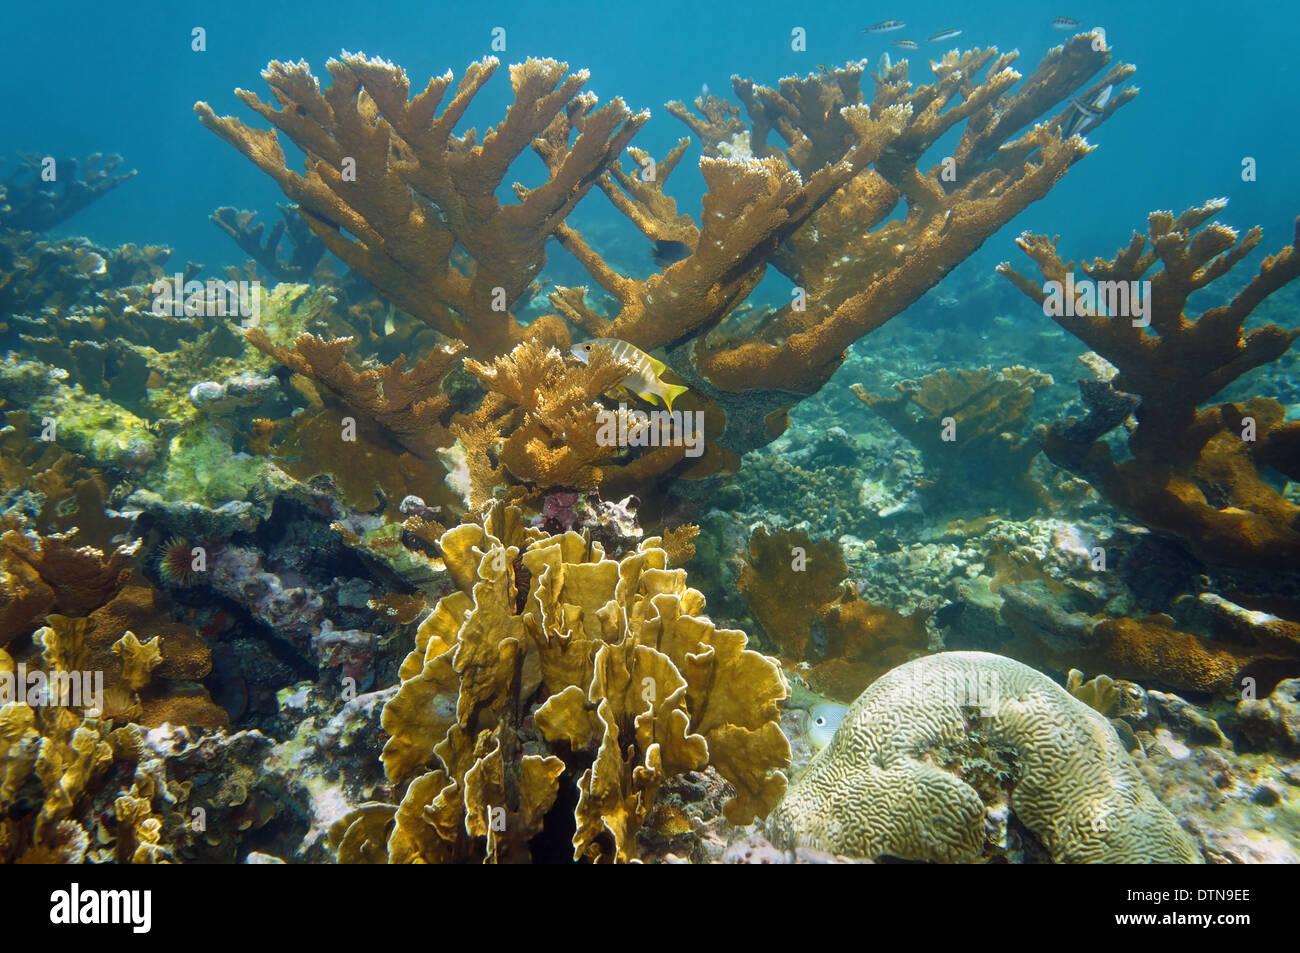 Unterwasserlandschaft in einem schönen Korallenriff, Atlantik, Bahamas-Inseln Stockbild